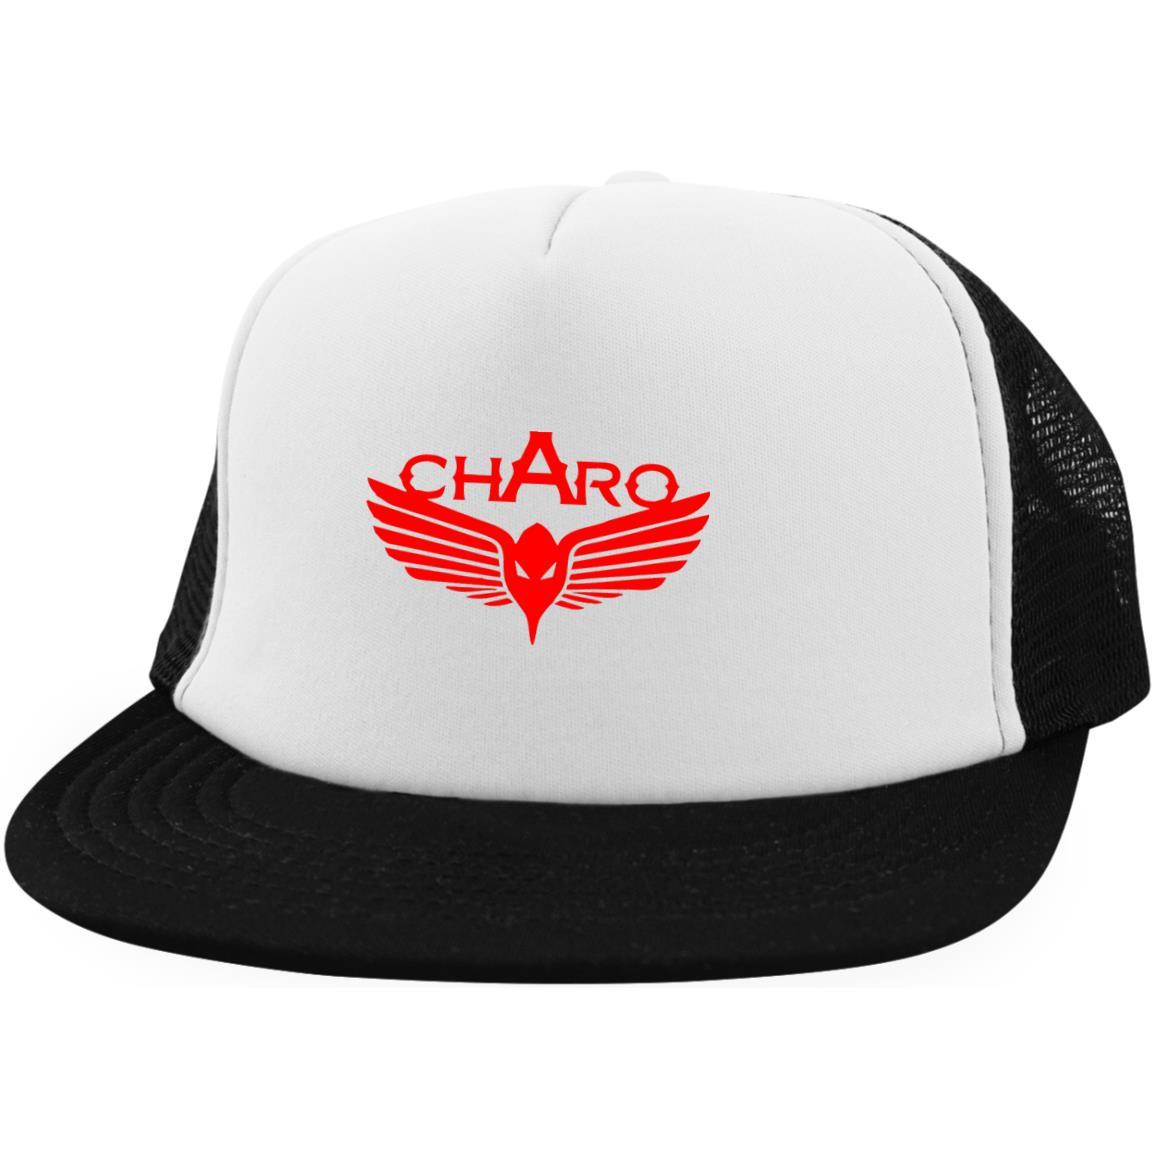 Charo Niska Logo Trucker Hats.